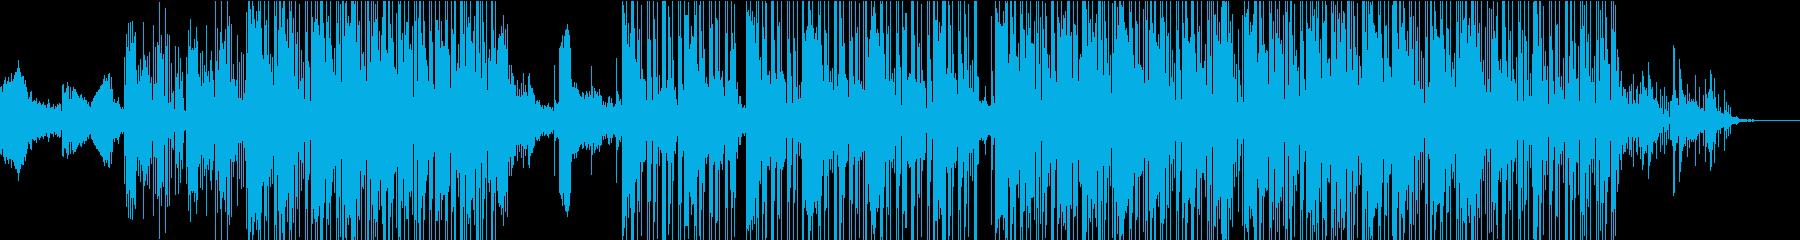 深みのある冷たさのあるジャズトラックの再生済みの波形